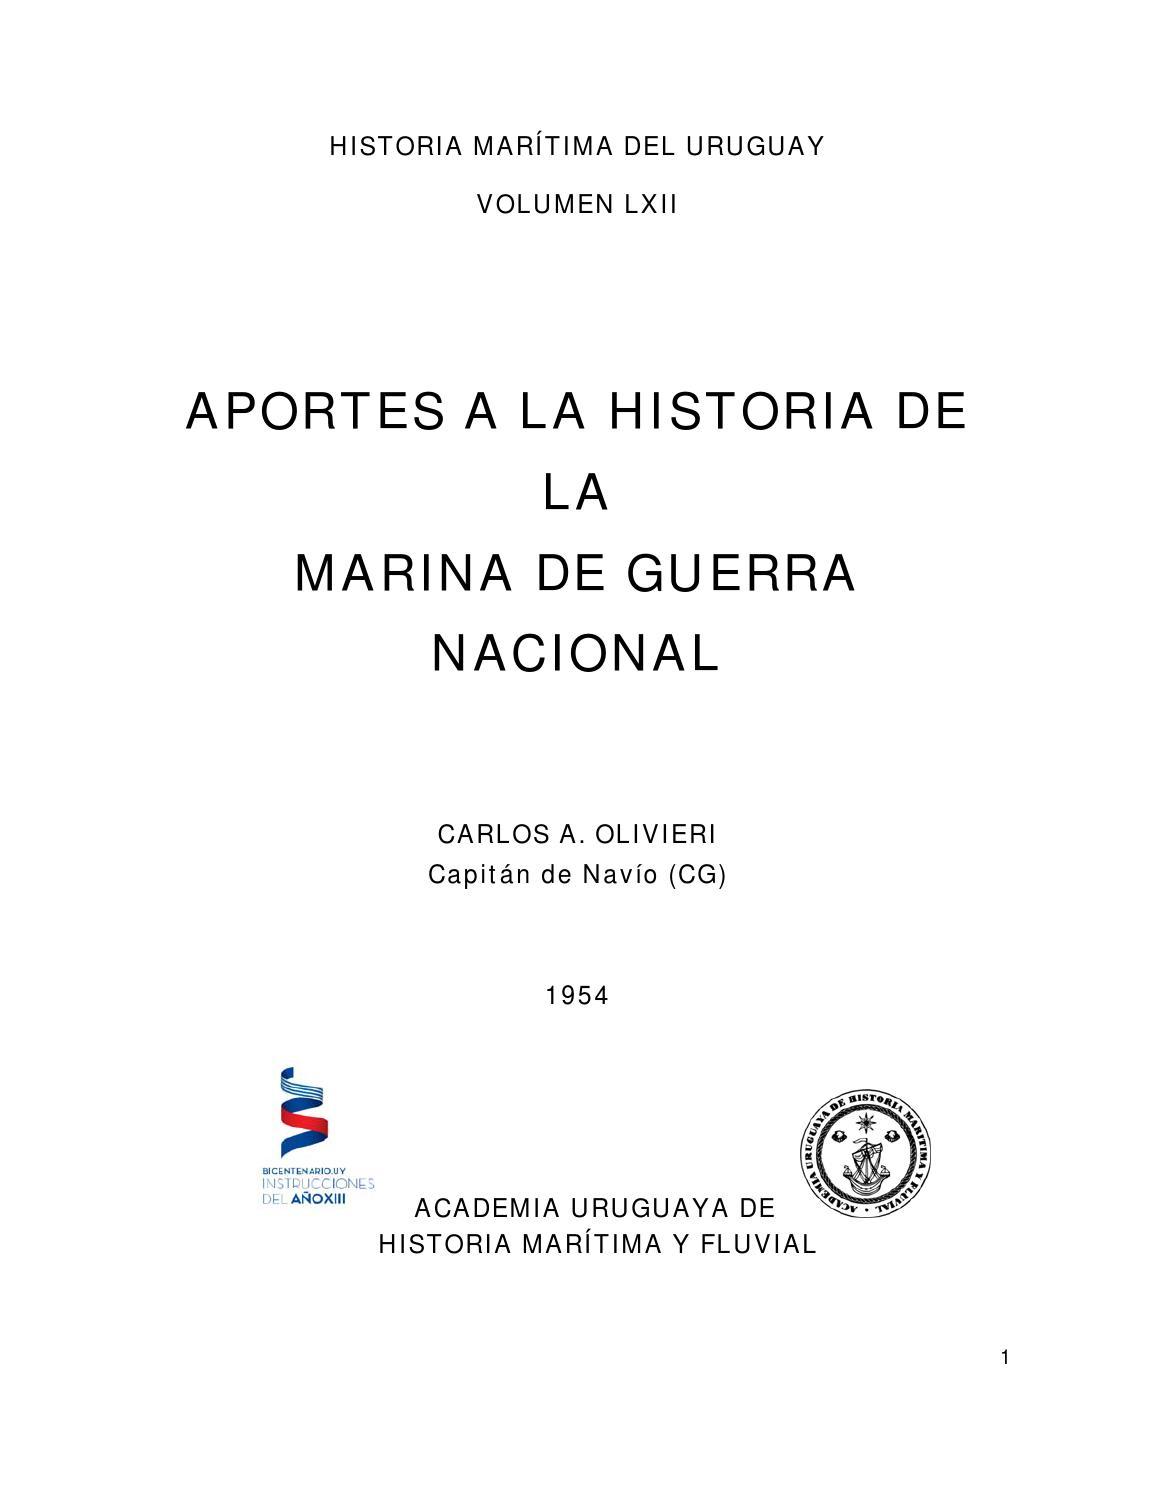 Aportes a la historia de la marina de guerra nacional ROU by ...